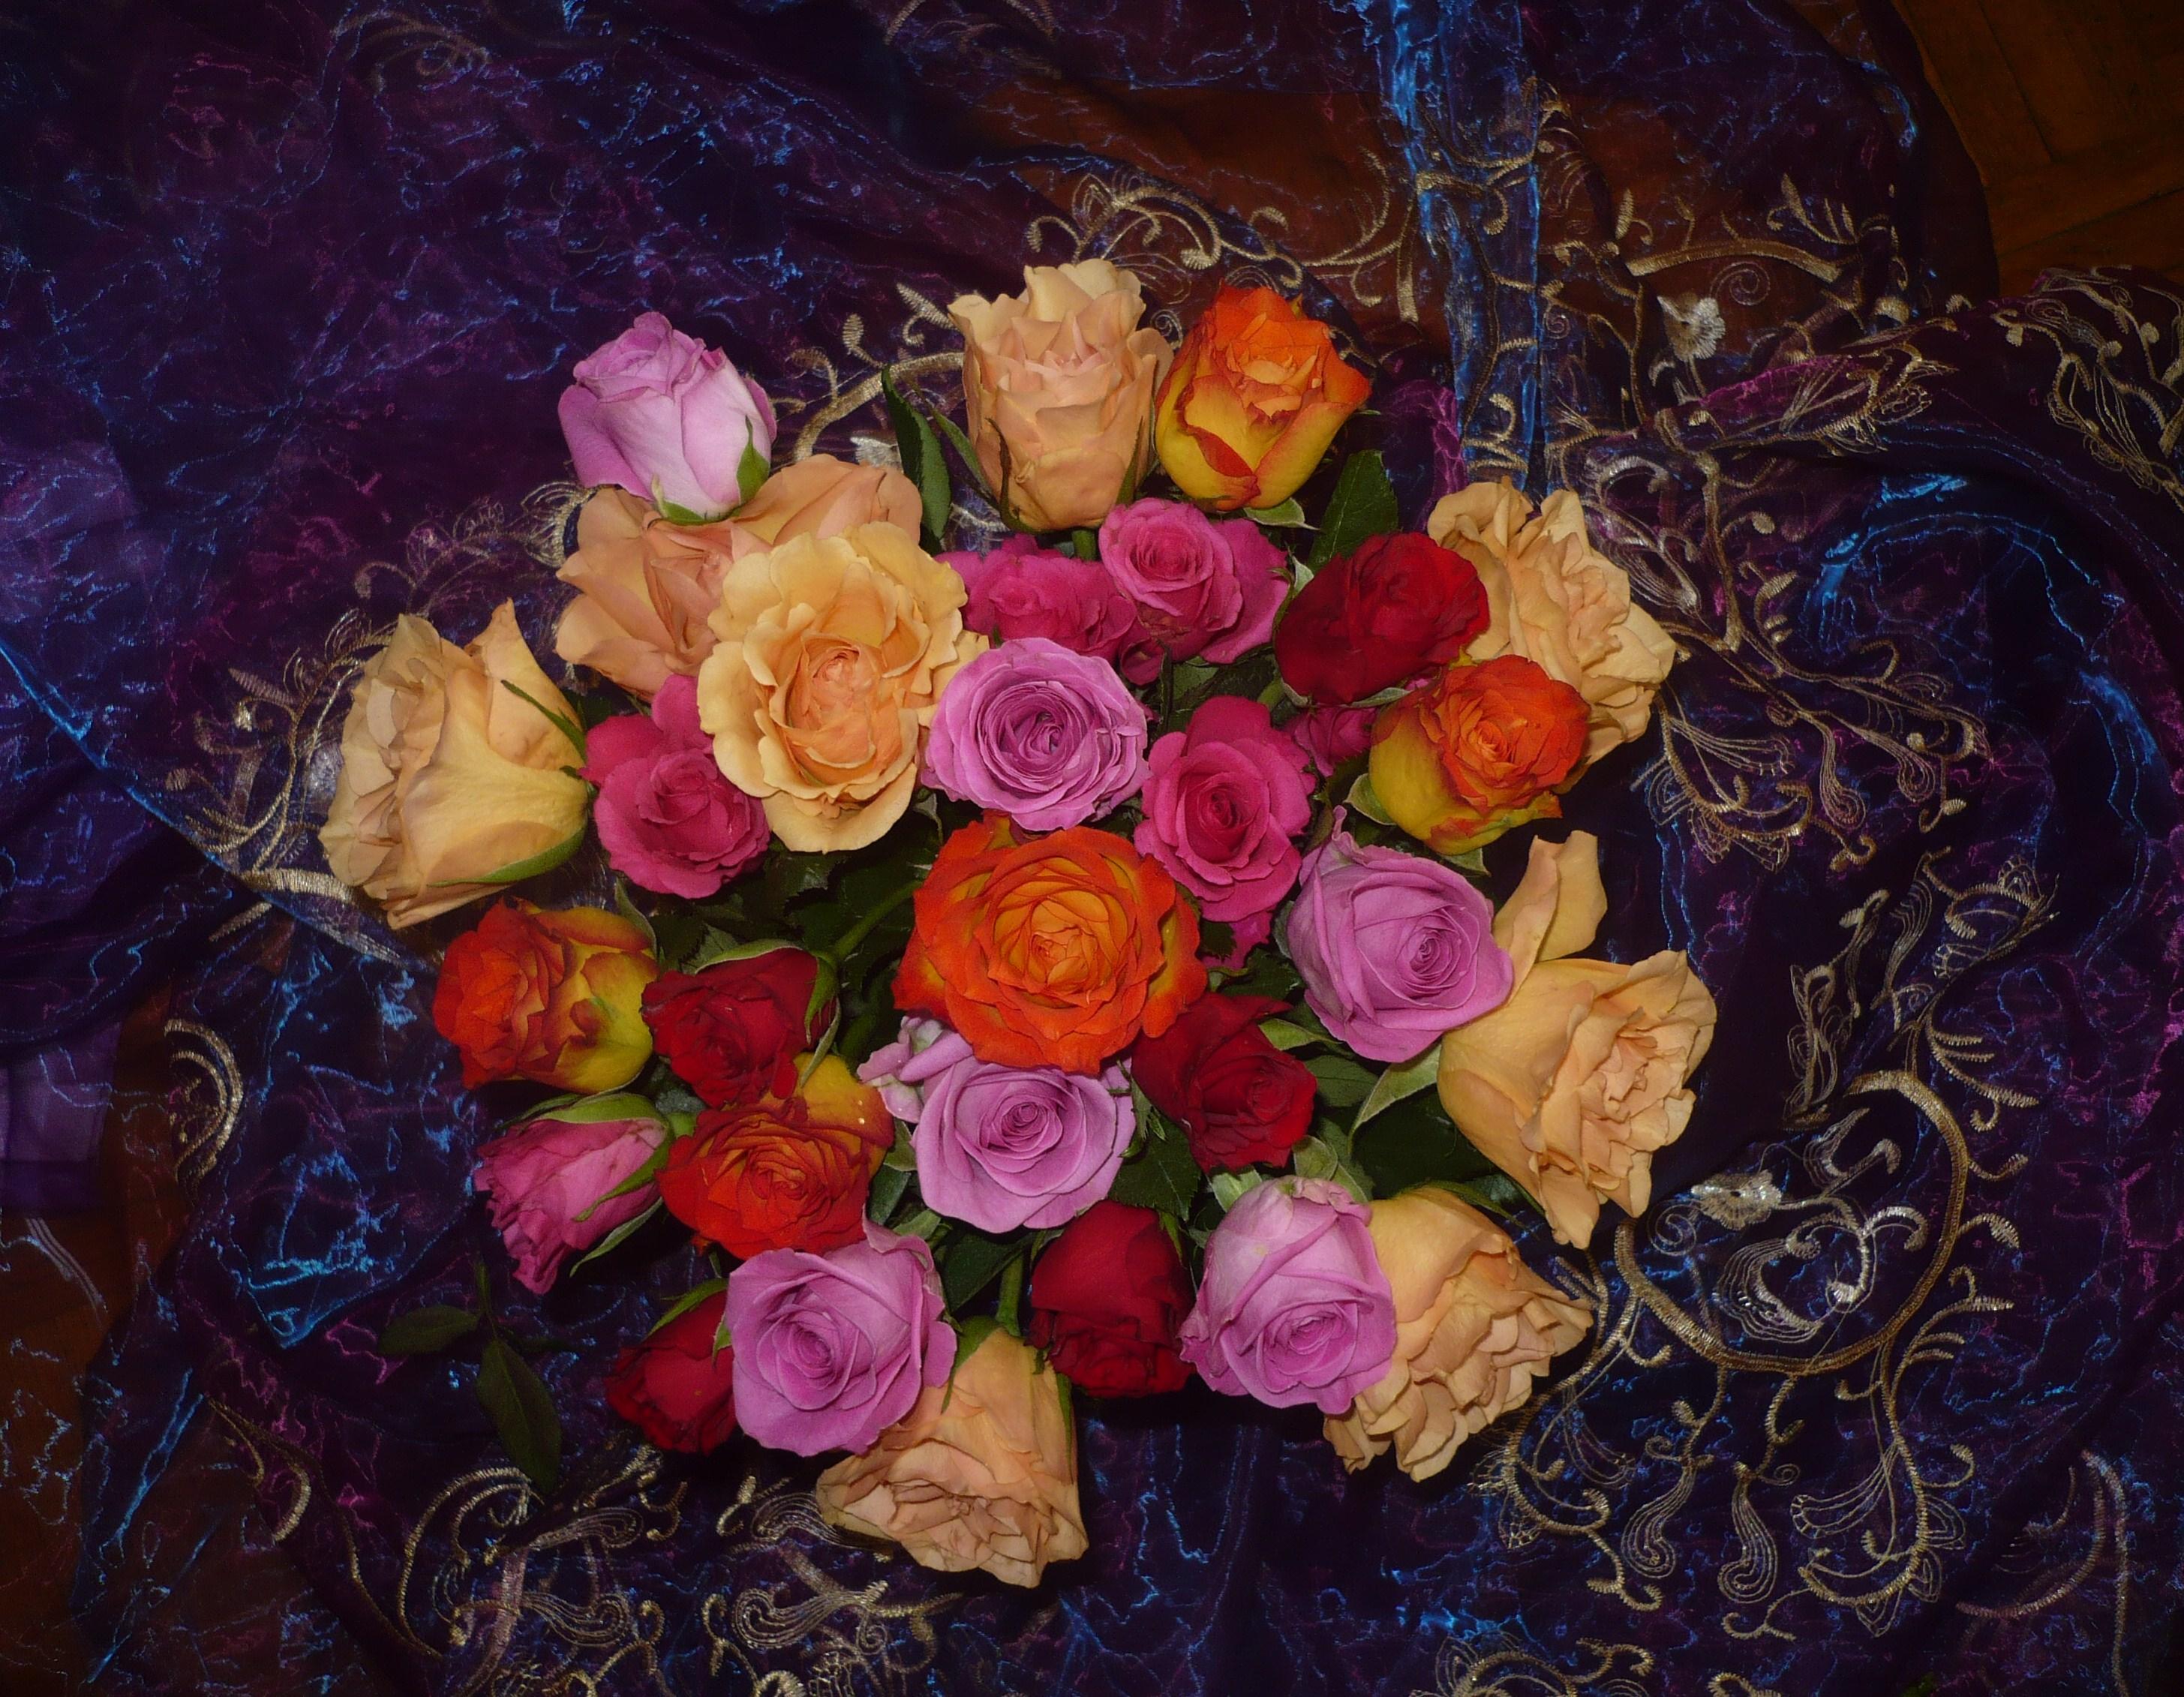 bouquet-de-roses-fete-des-meres-004.JPG